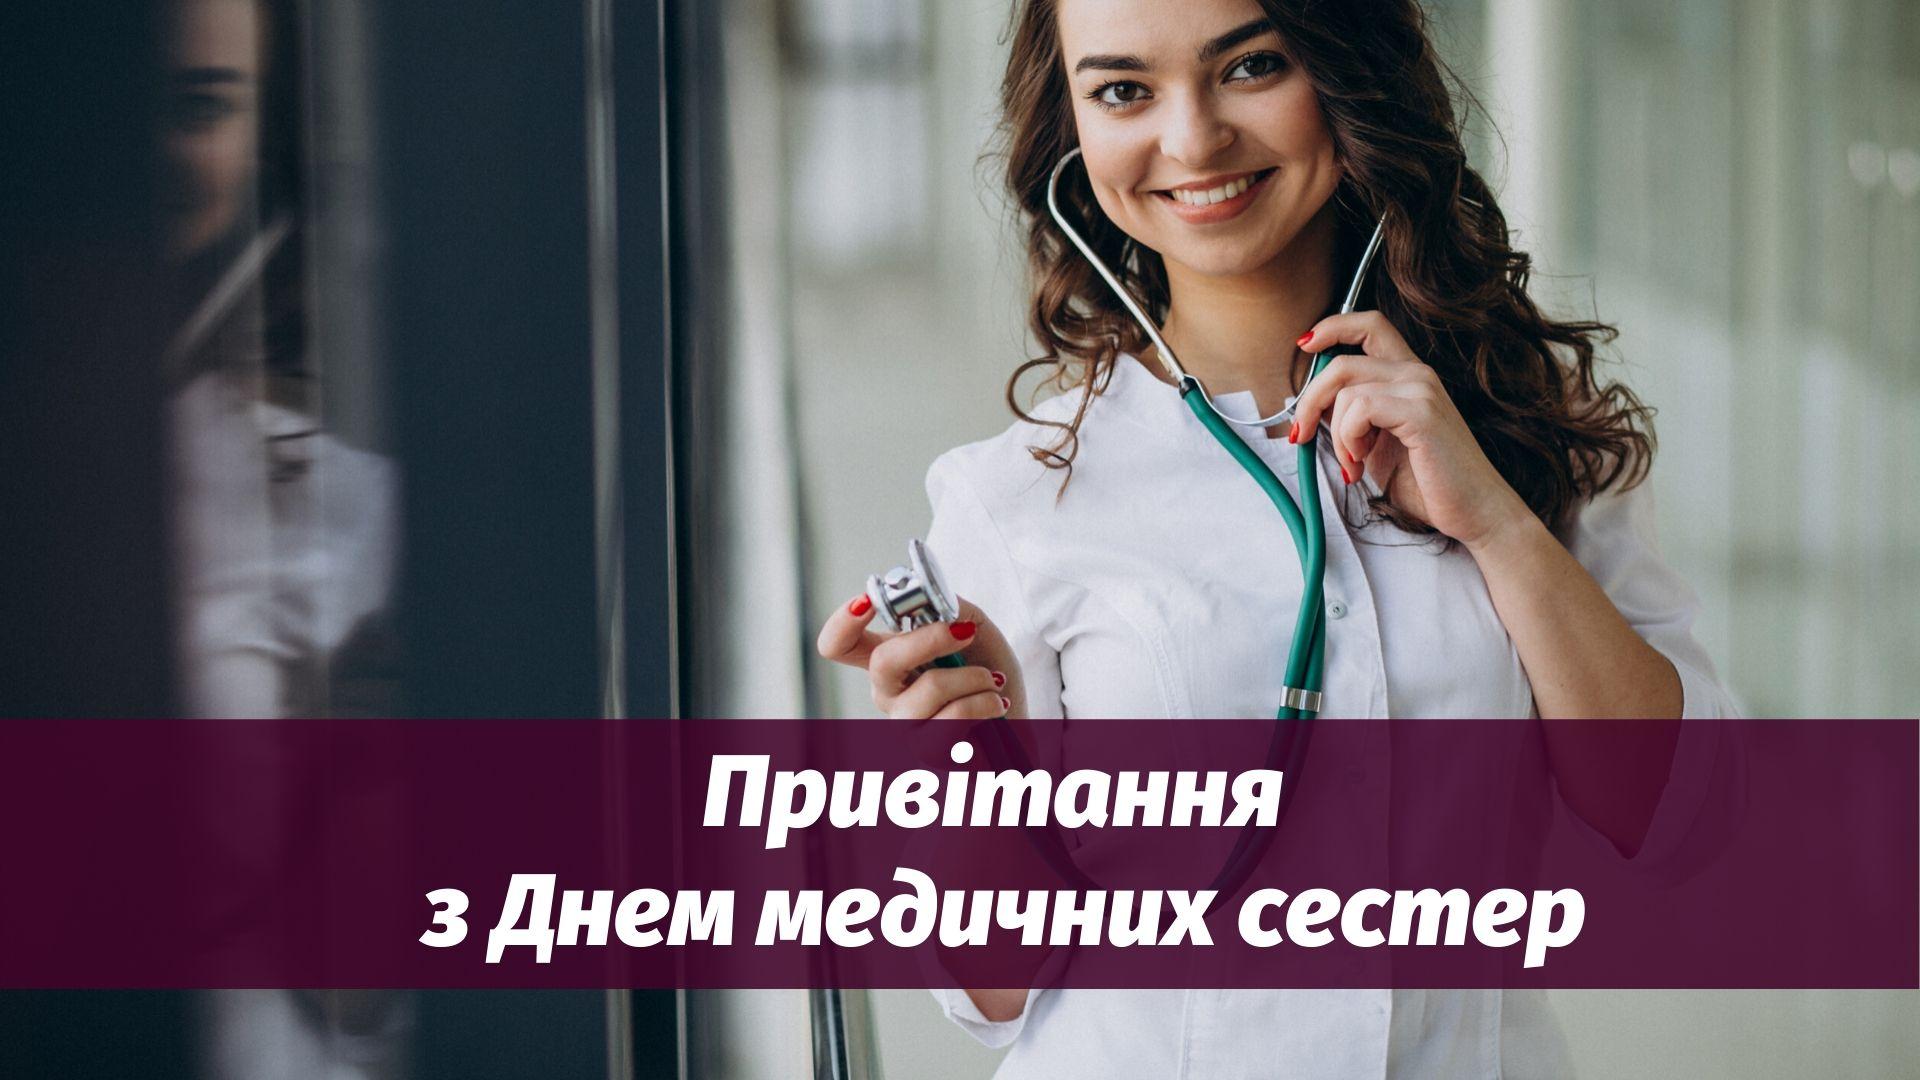 День медсестры 2020: открытки и поздравления в стихах и прозе